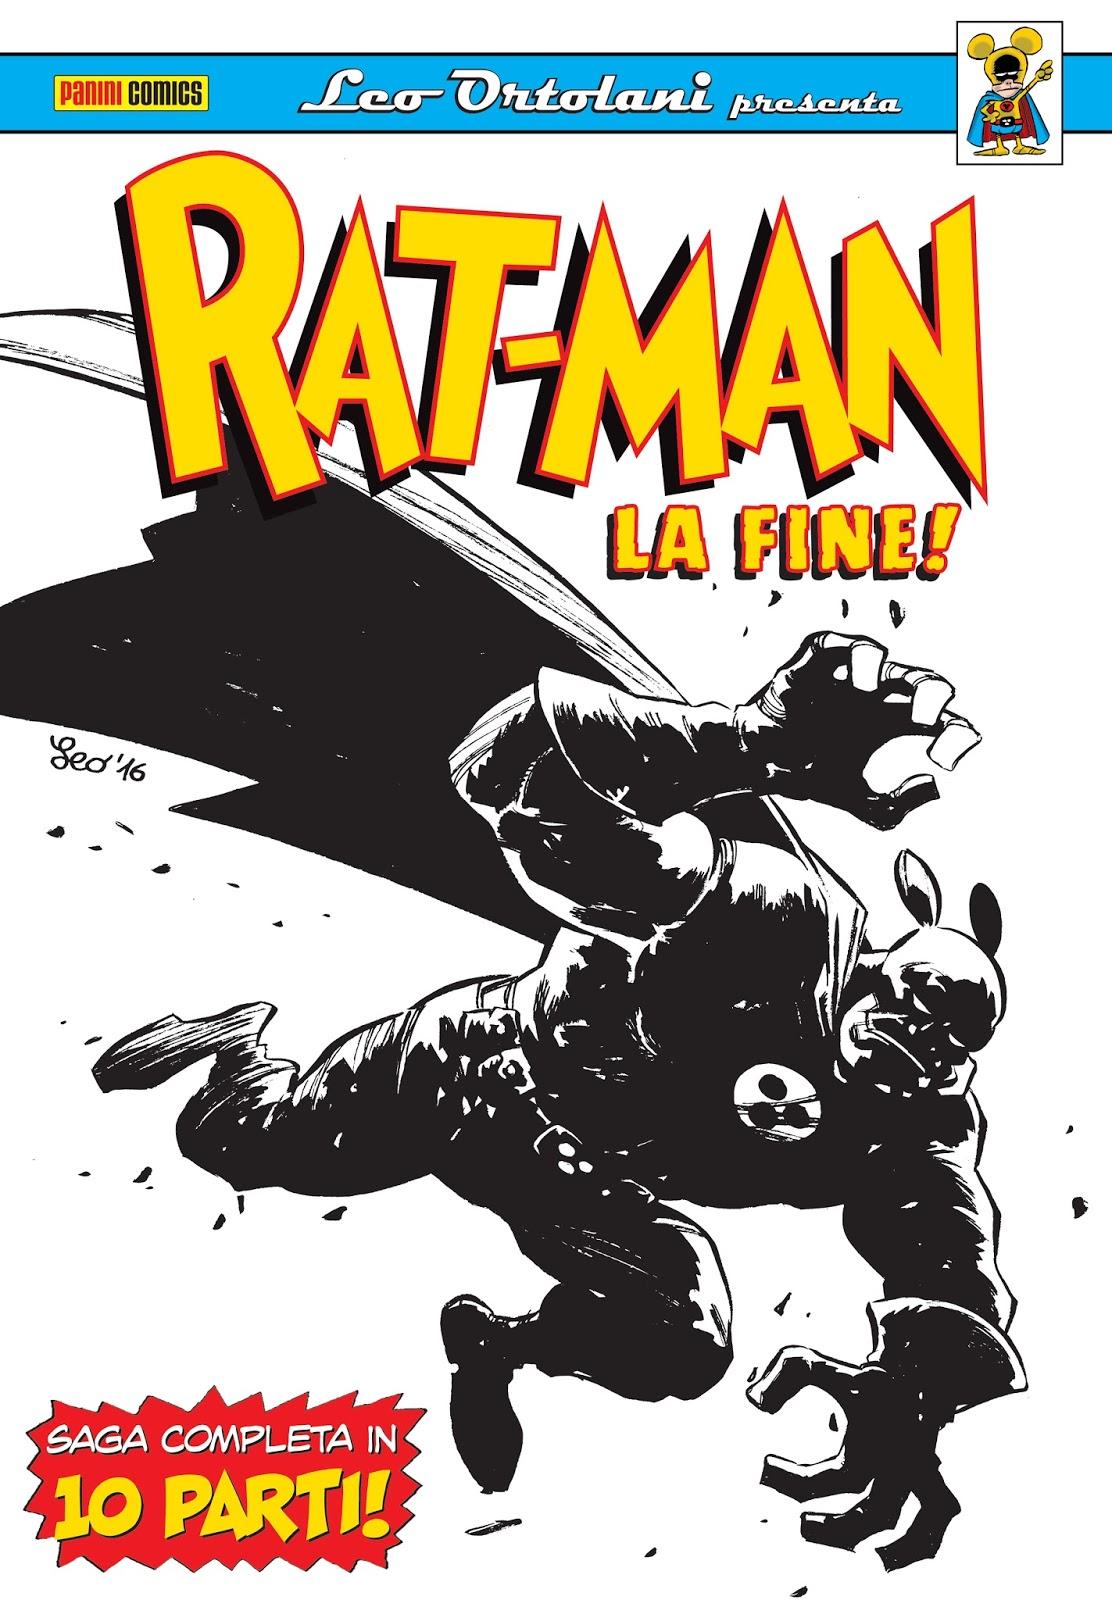 La fine di Rat-Man